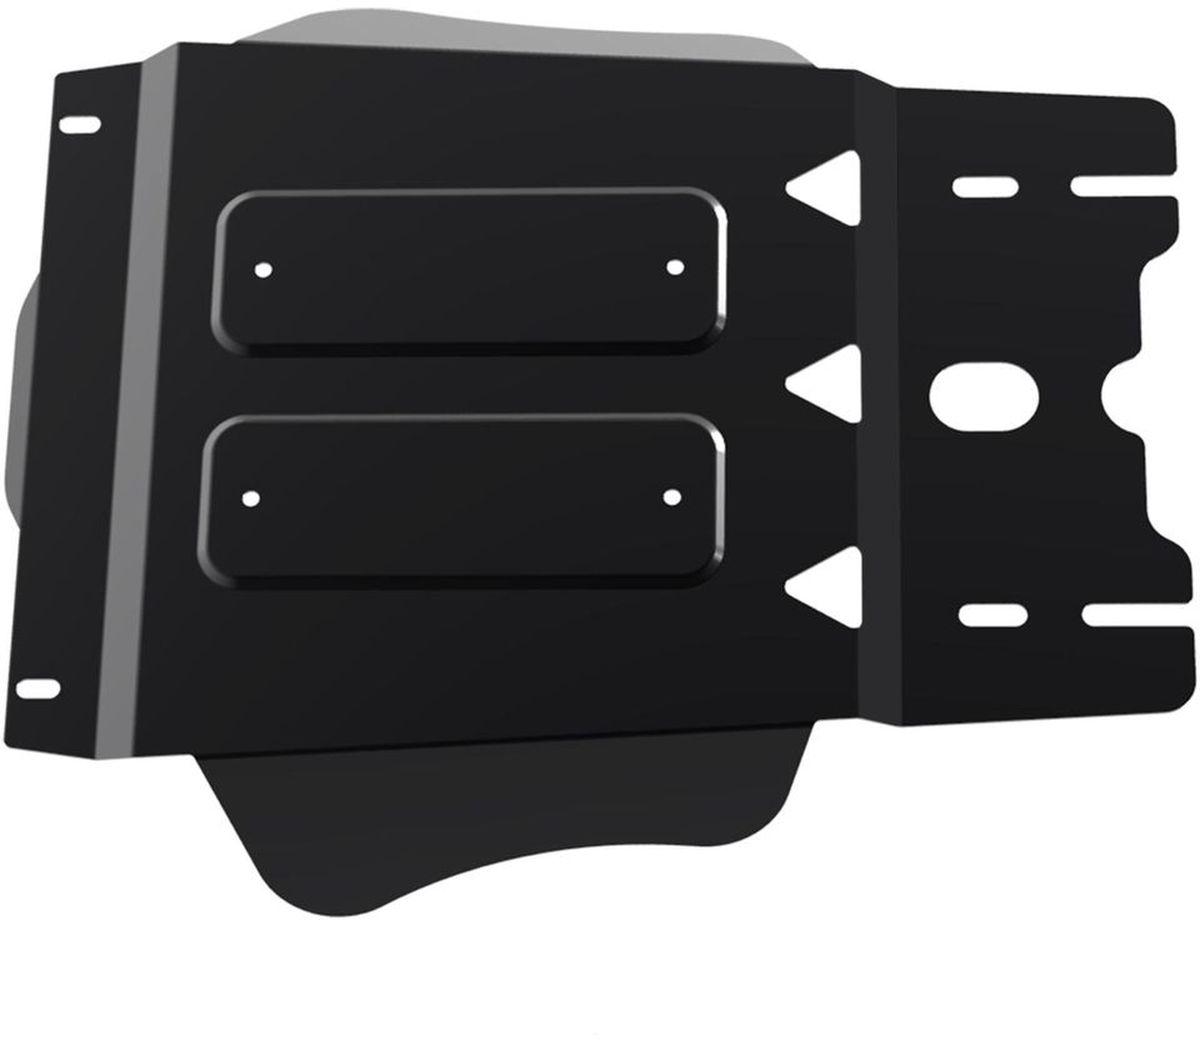 Защита КПП Автоброня, для ISUZU D-MAX, М-2,5TD, 2012-111.09103.1Технологически совершенный продукт за невысокую стоимость. Защита разработана с учетом особенностей днища автомобиля, что позволяет сохранить дорожный просвет с минимальным изменением. Защита устанавливается в штатные места кузова автомобиля. Глубокий штамп обеспечивает до двух раз больше жесткости в сравнении с обычной защитой той же толщины. Проштампованные ребра жесткости препятствуют деформации защиты при ударах. Тепловой зазор и вентиляционные отверстия обеспечивают сохранение температурного режима двигателя в норме. Скрытый крепеж предотвращает срыв крепежных элементов при наезде на препятствие. Шумопоглощающие резиновые элементы обеспечивают комфортную езду без вибраций и скрежета металла, а съемные лючки для слива масла и замены фильтра - экономию средств и время. Конструкция изделия не влияет на пассивную безопасность автомобиля (при ударе защита не воздействует на деформационные зоны кузова). Со штатным крепежом. В комплекте инструкция по установке....